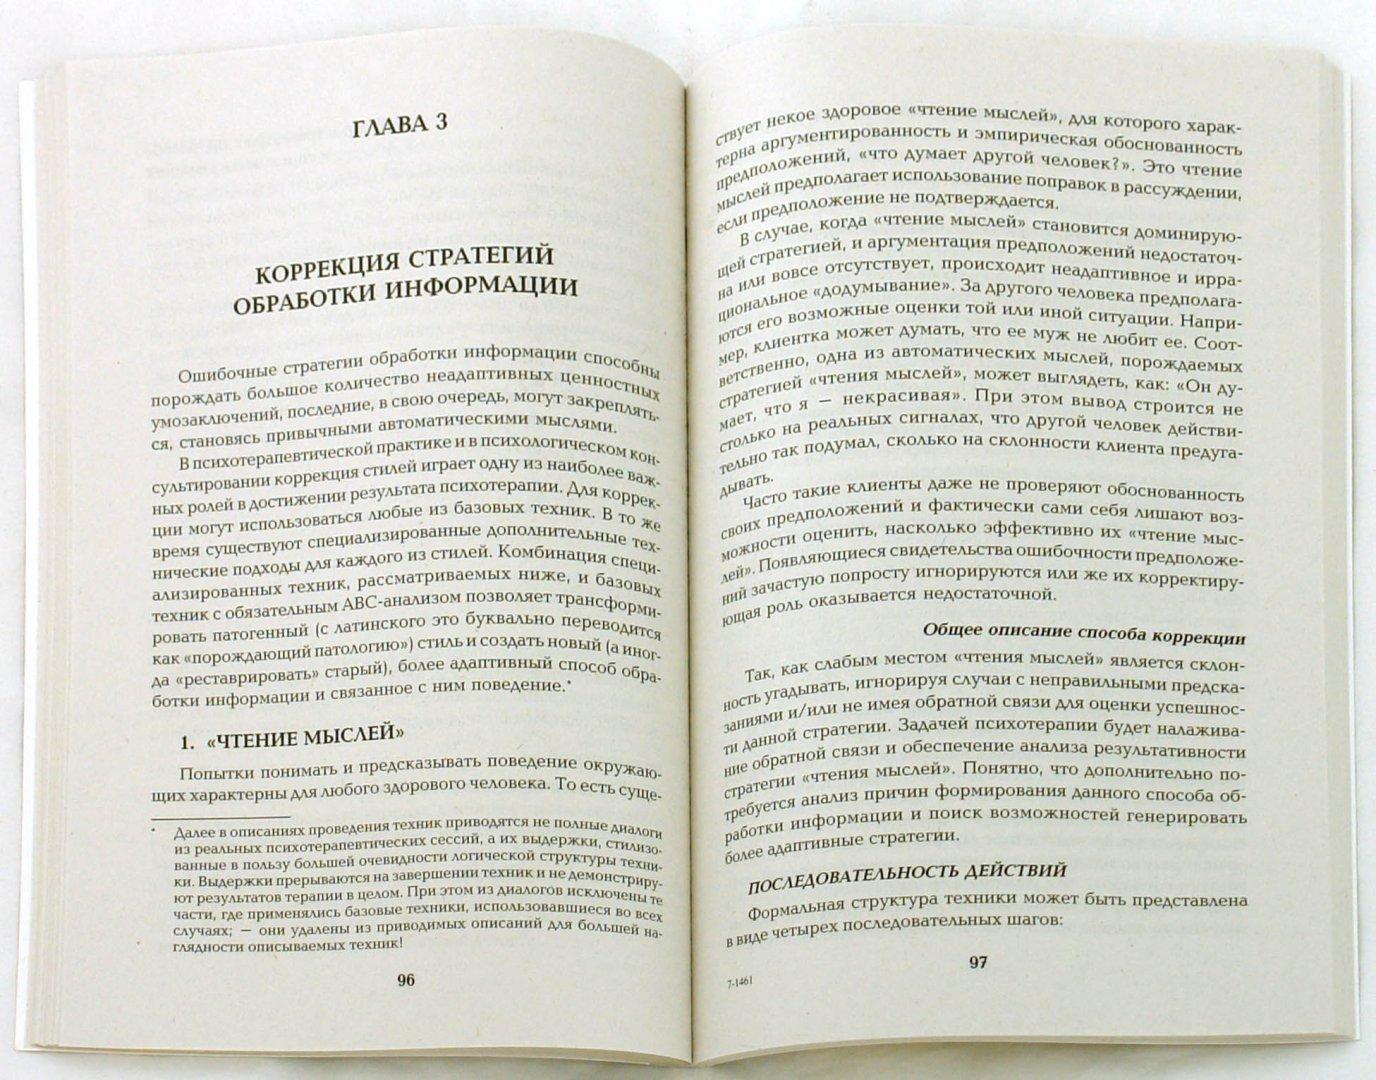 Иллюстрация 1 из 33 для Руководство по когнитивно-поведенческой психотерапии - Сергей Харитонов   Лабиринт - книги. Источник: Лабиринт